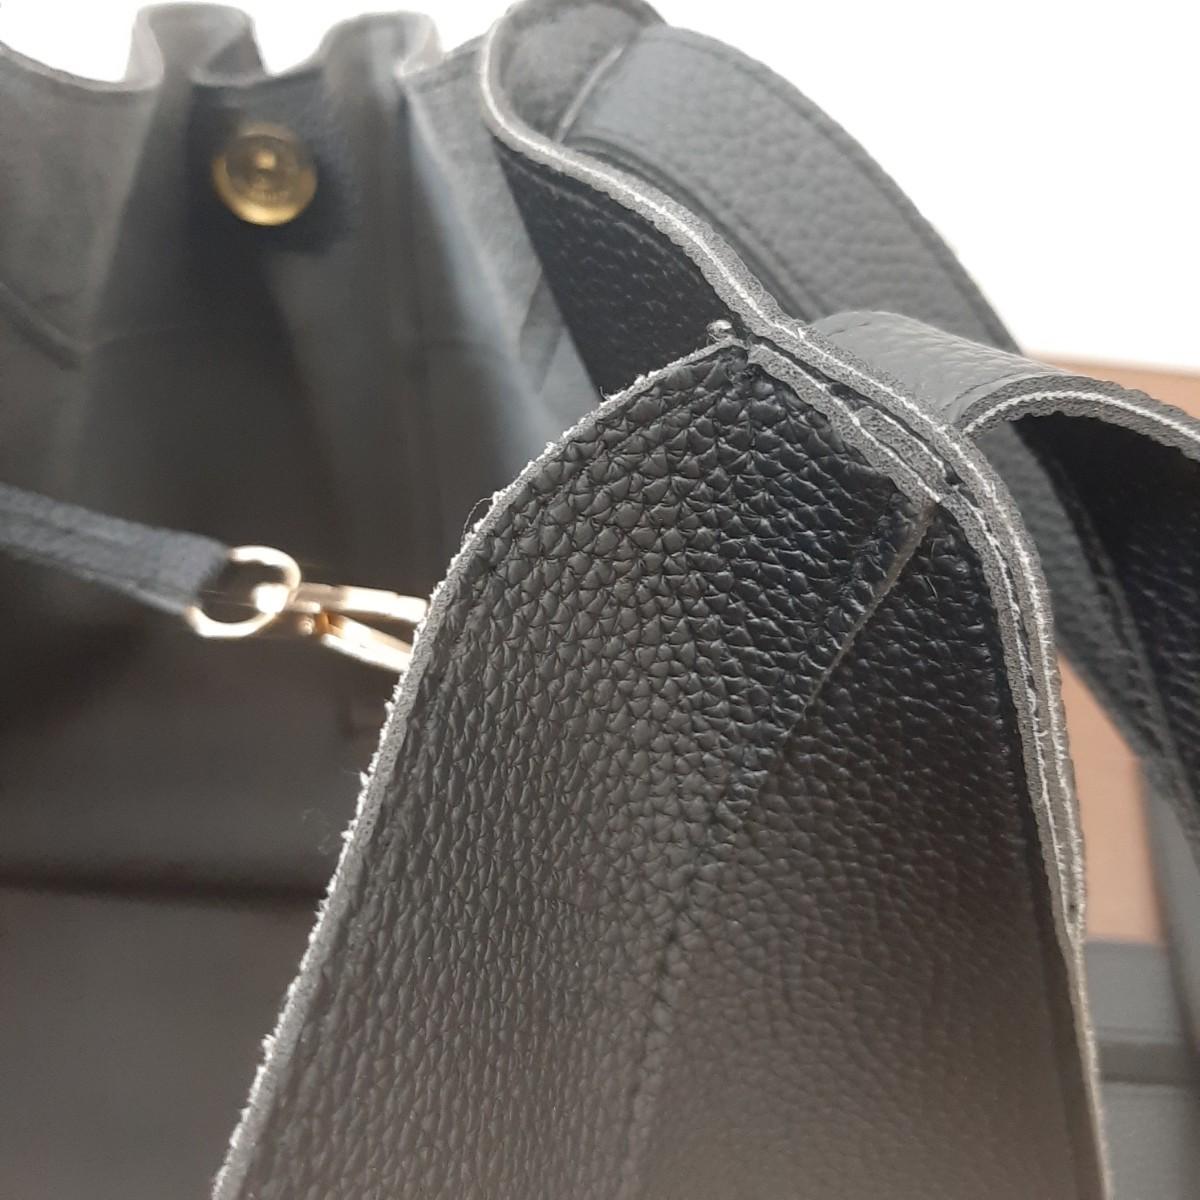 バッグ chuclla  レディースバッグ  トートバッグ  ハンドバッグ  斜めがけ  大容量  ショルダーバッグ